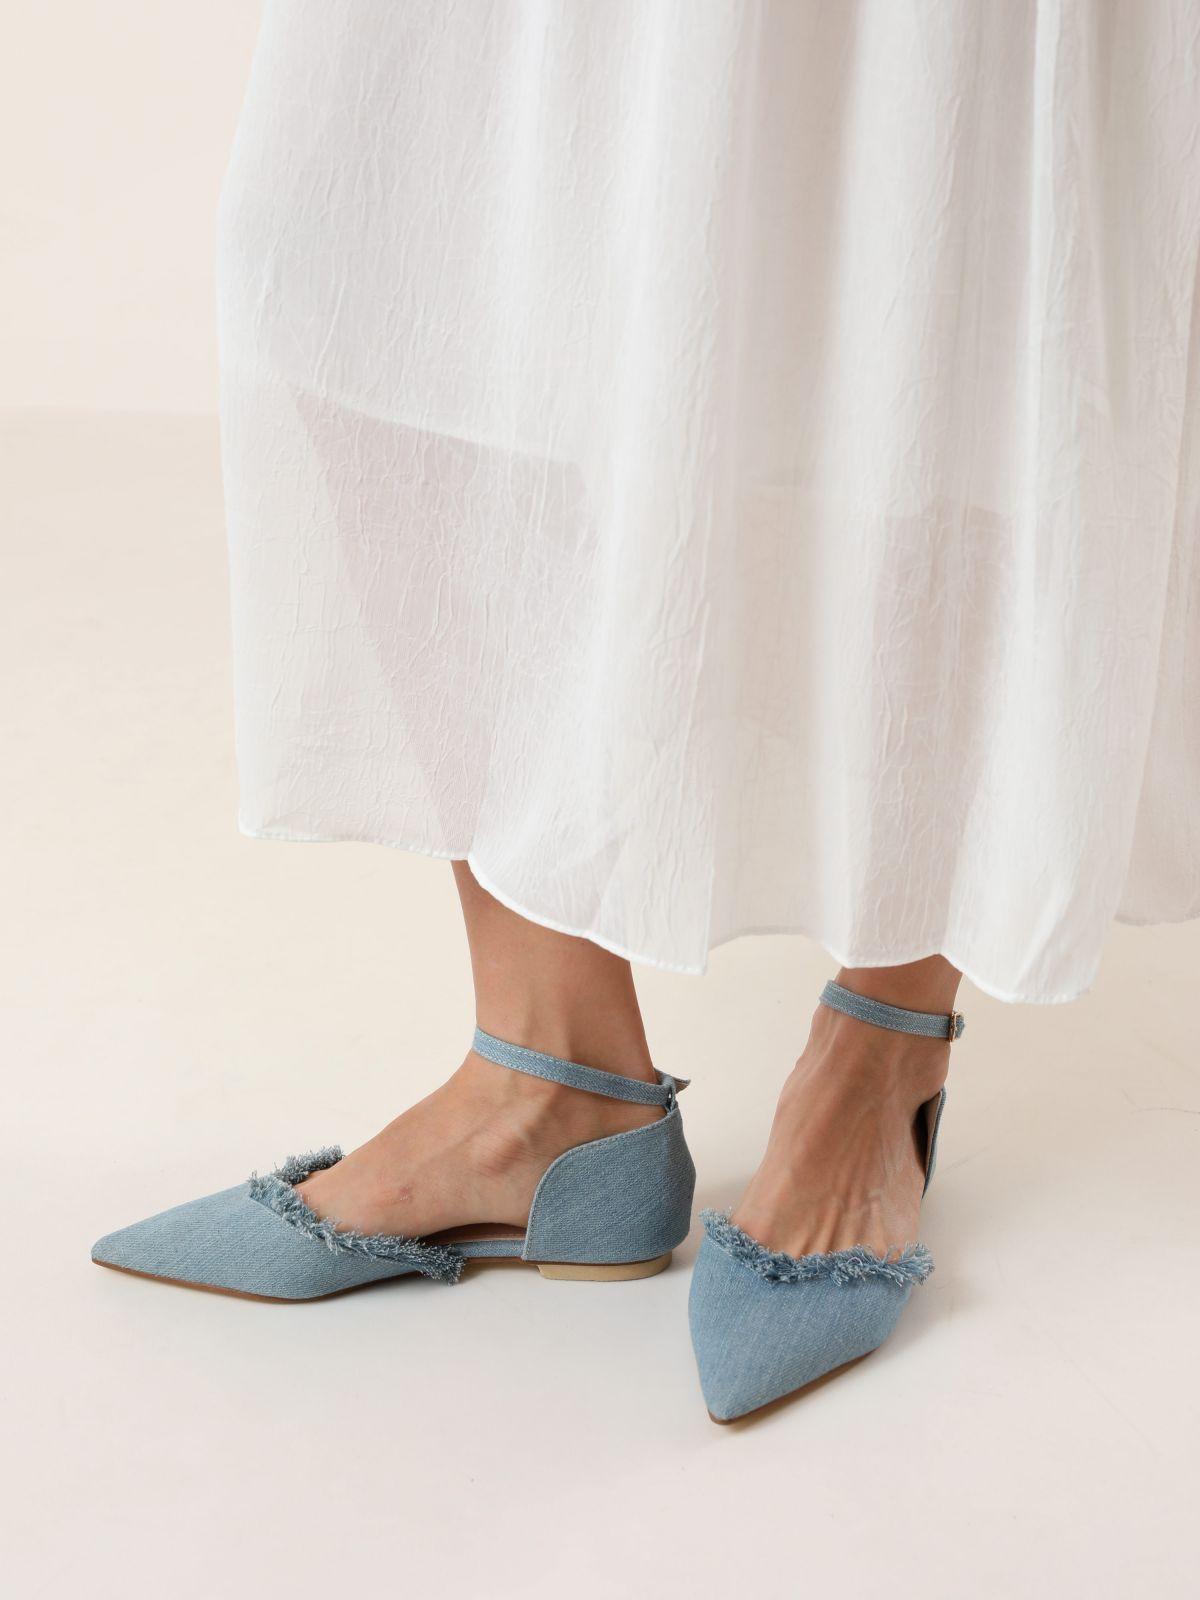 נעלי שפיץ ג'ינס עם סיומת פרומהנעלי שפיץ ג'ינס עם סיומת פרומה של TERMINAL X